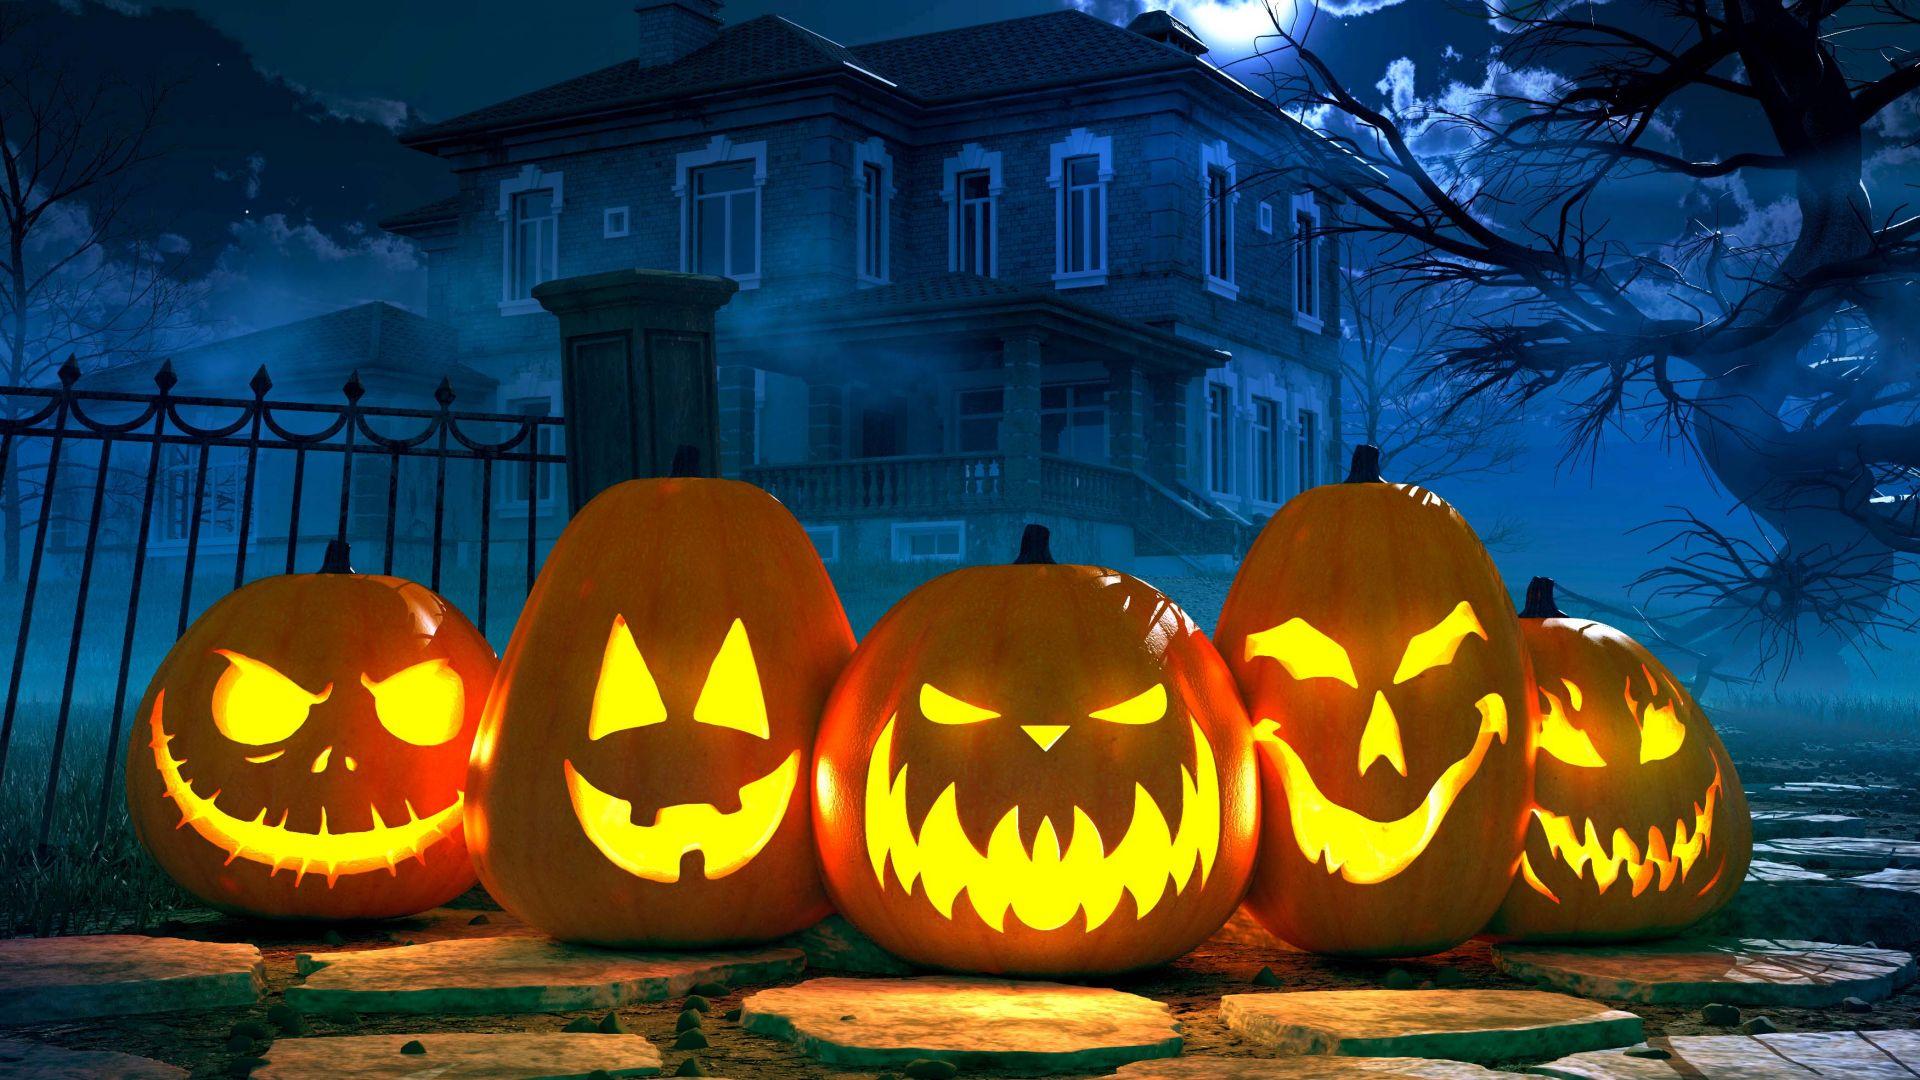 Wallpaper Halloween, pumpkin, 4k, Holidays #16304